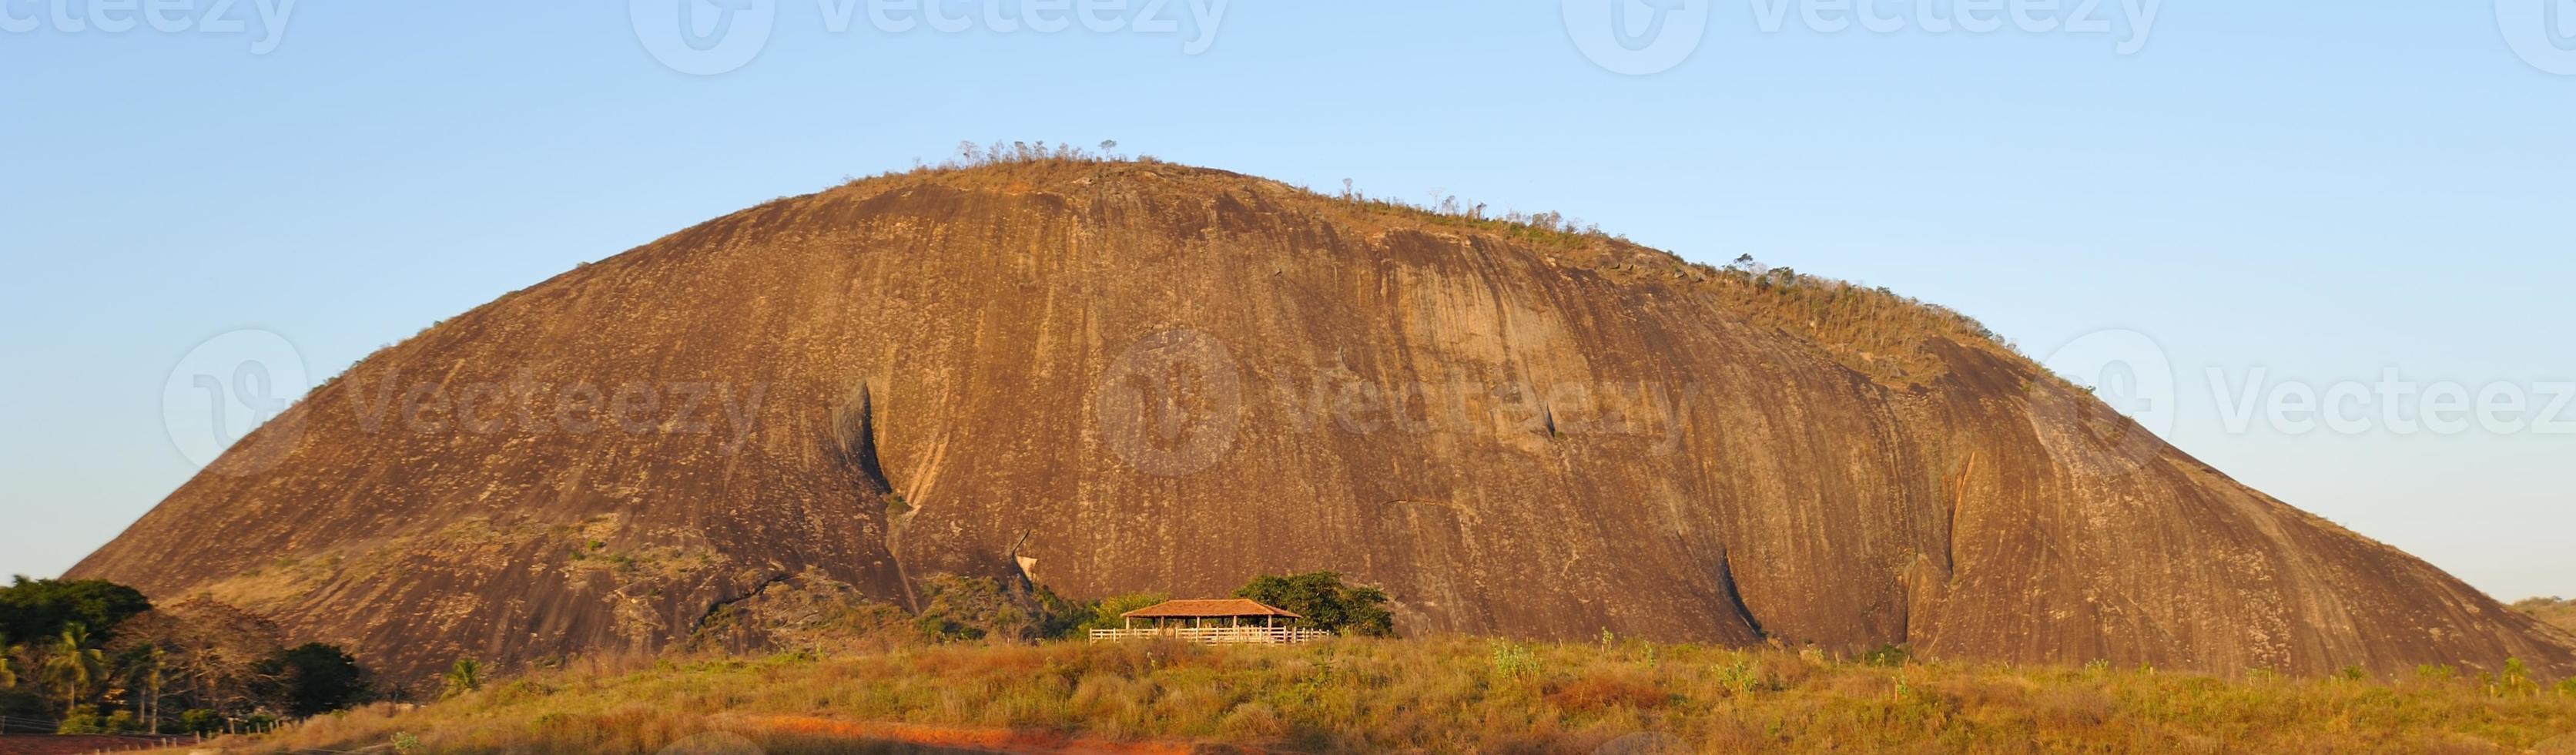 Rock am Fluss Rio Doce in Brasilien foto